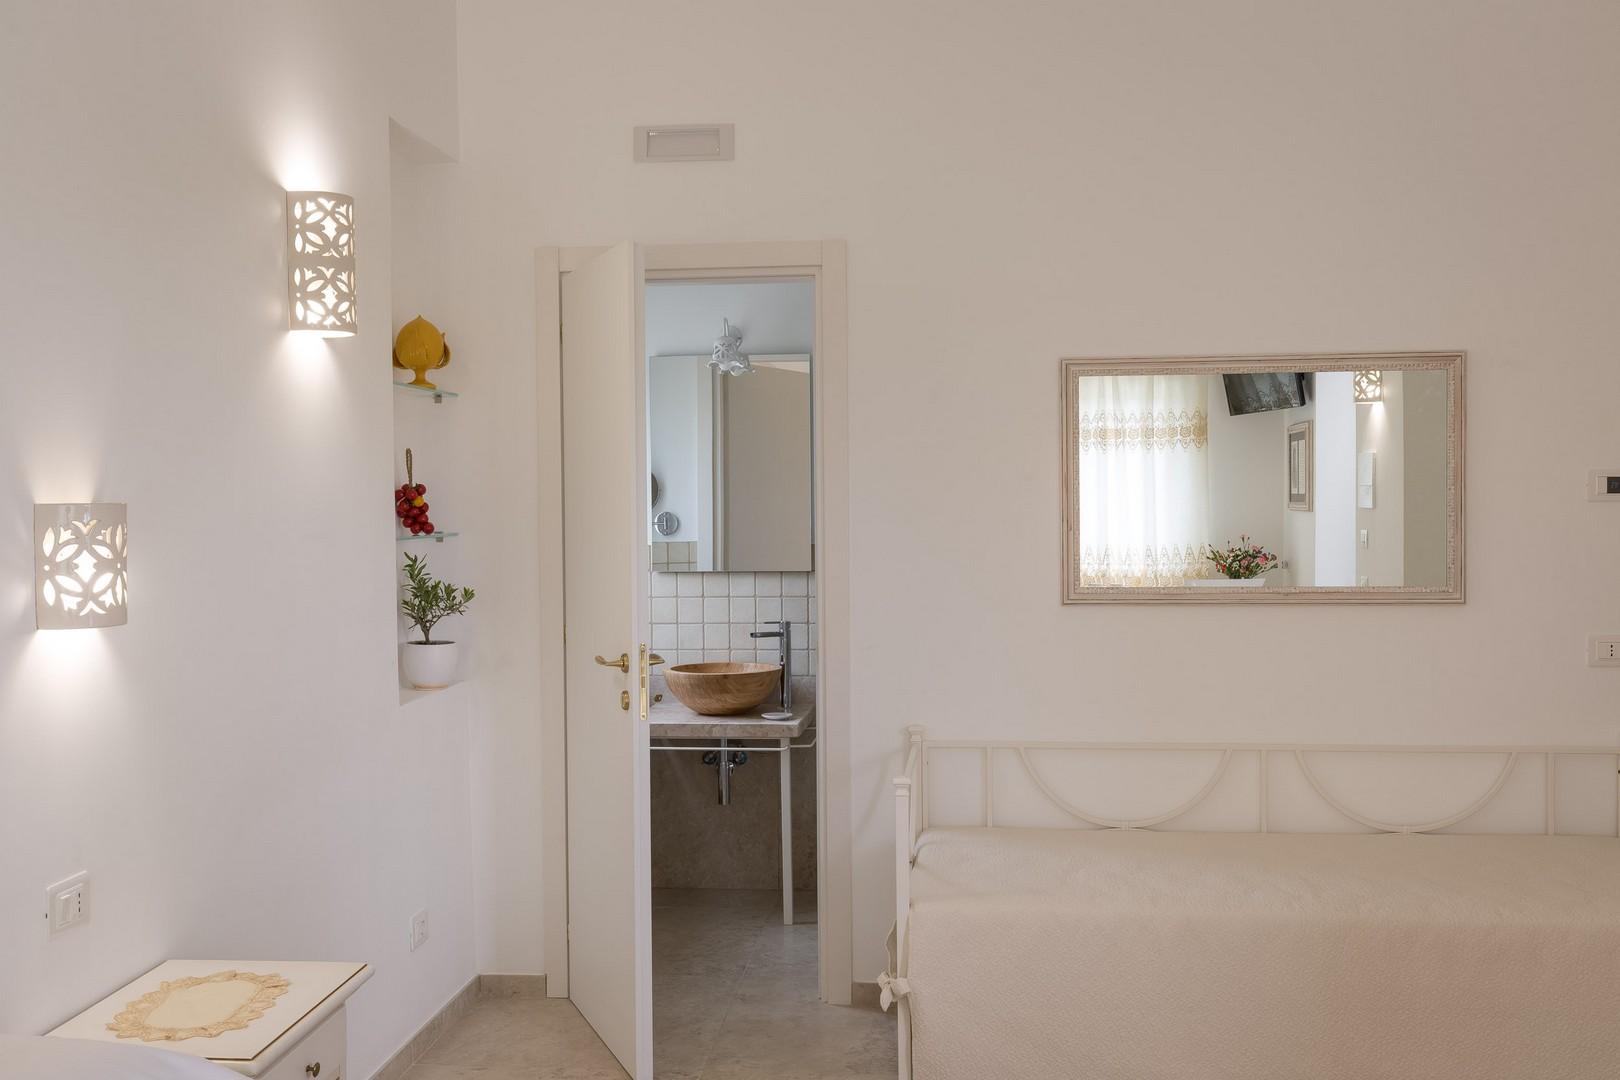 Camera Dimora san quirico